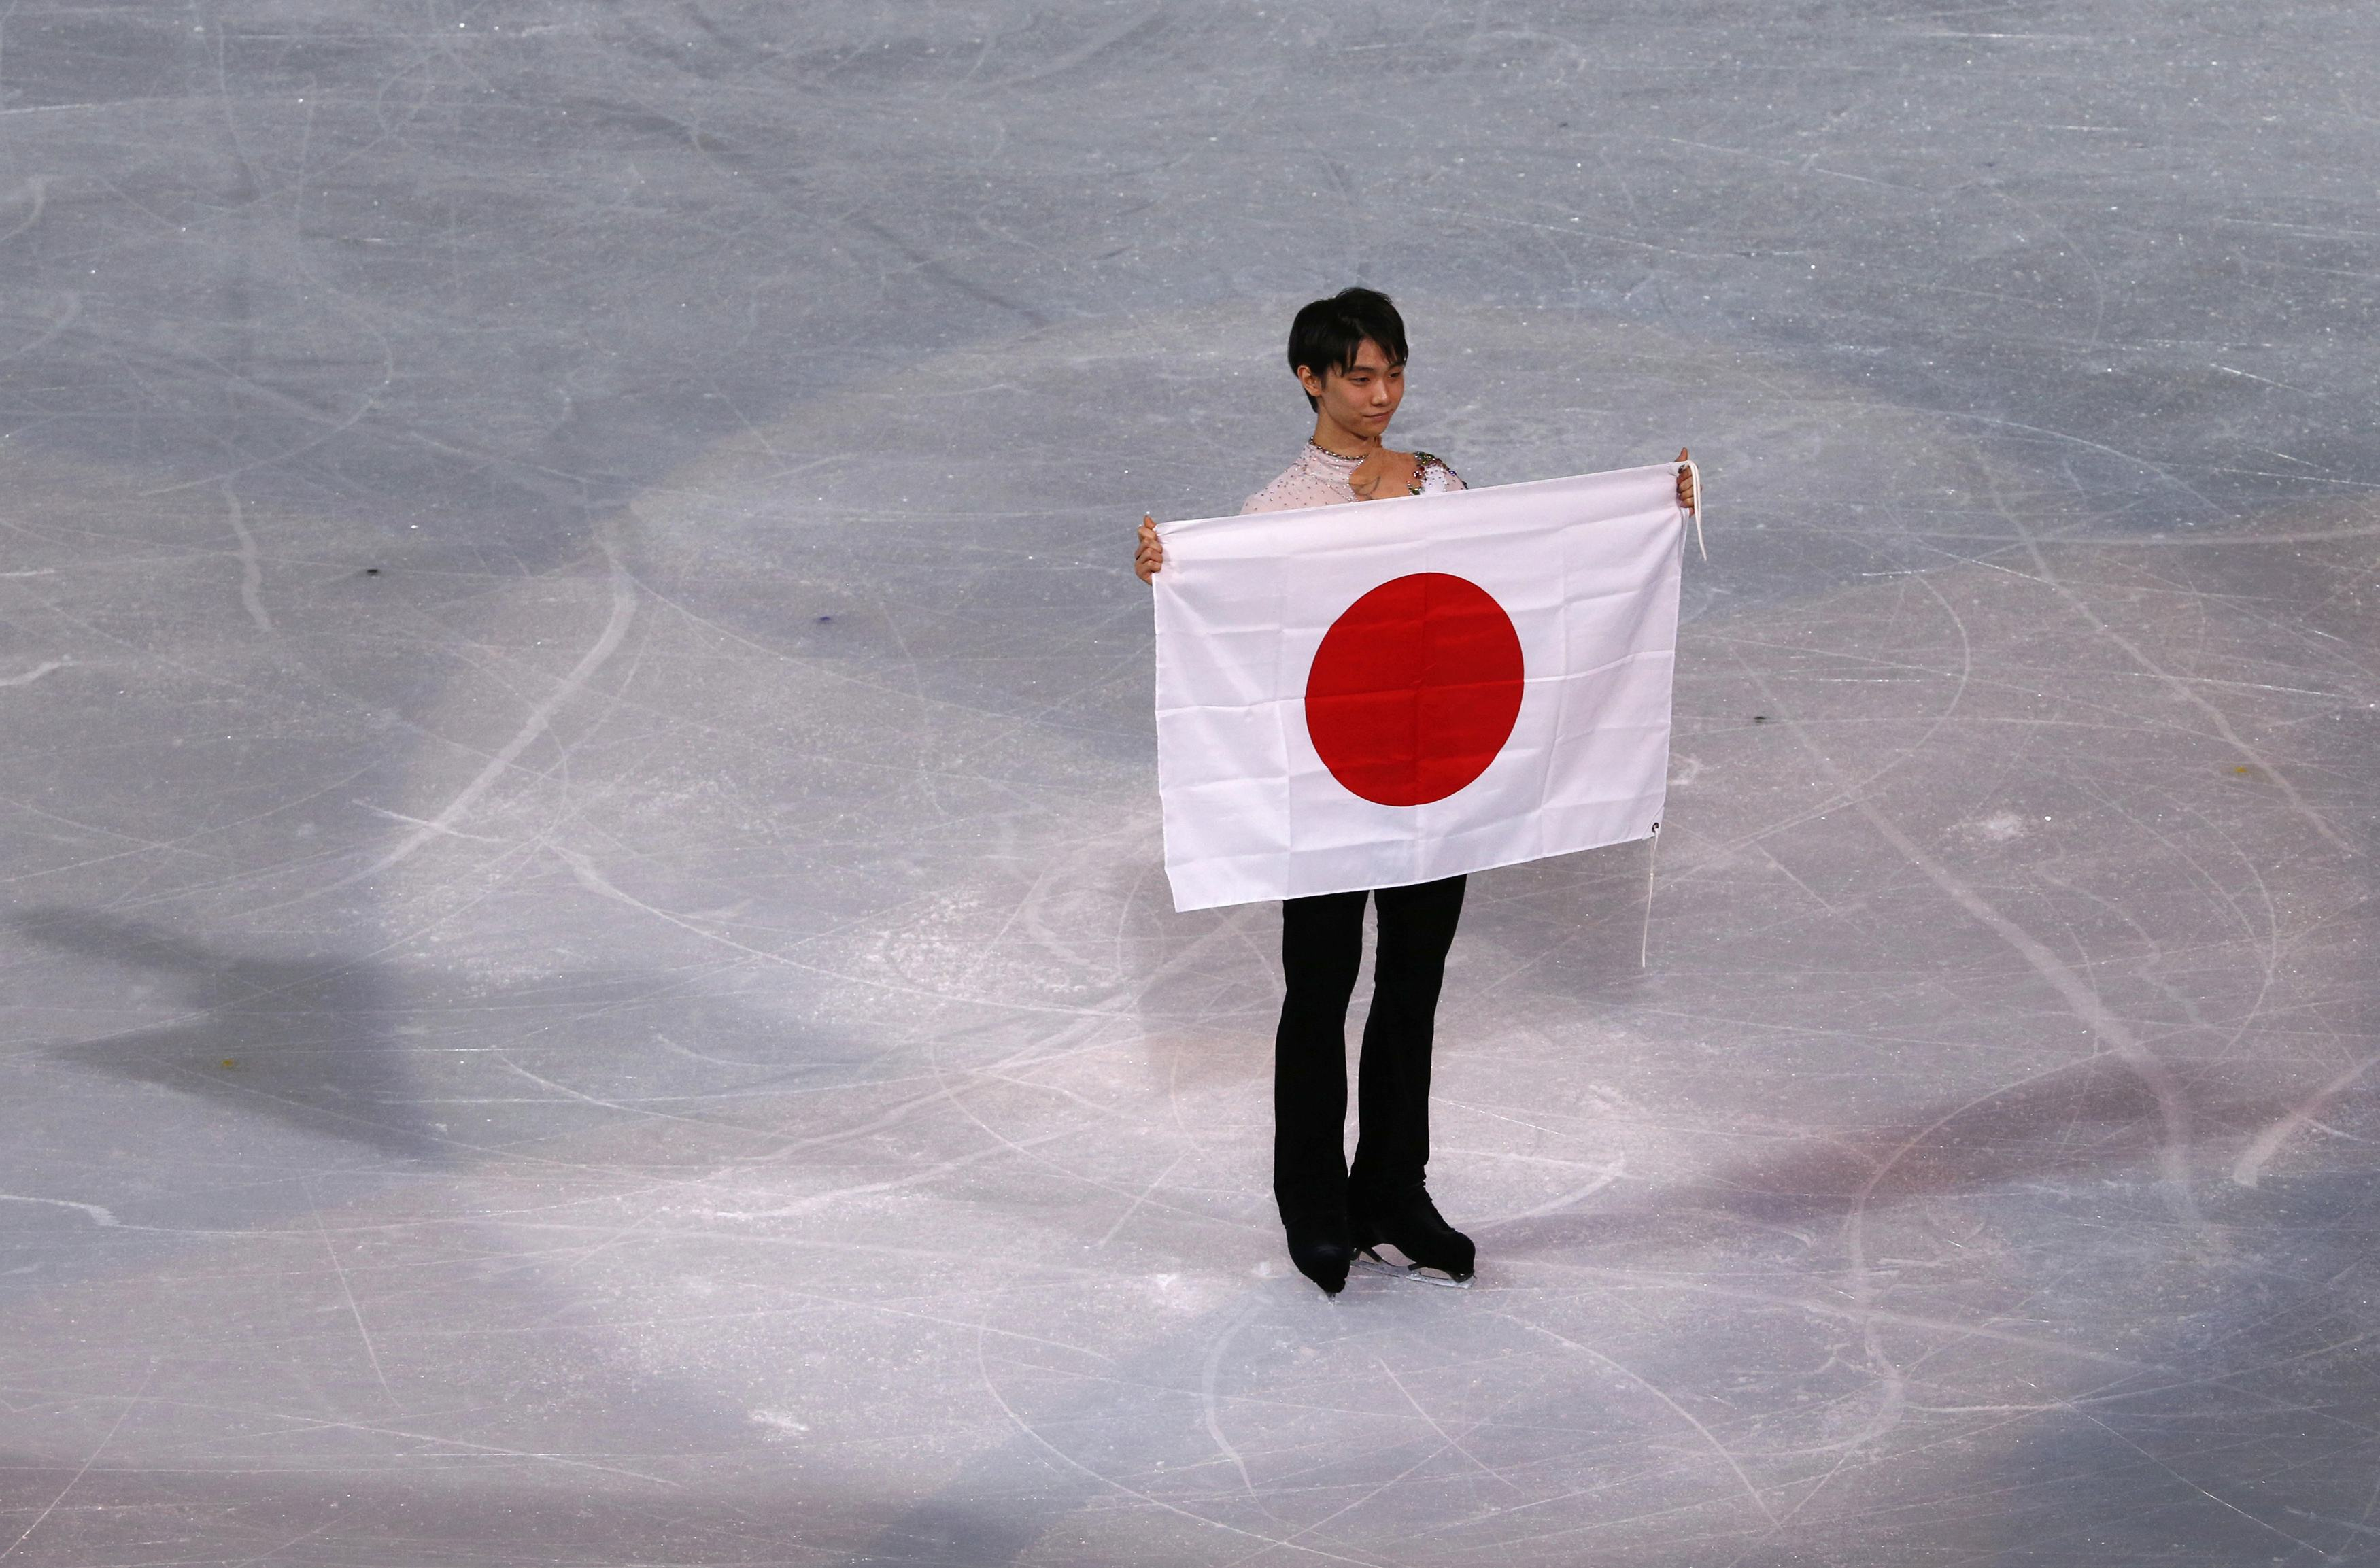 Megtiltották a japán olimpikonoknak, hogy csak motyogják a himnuszukat